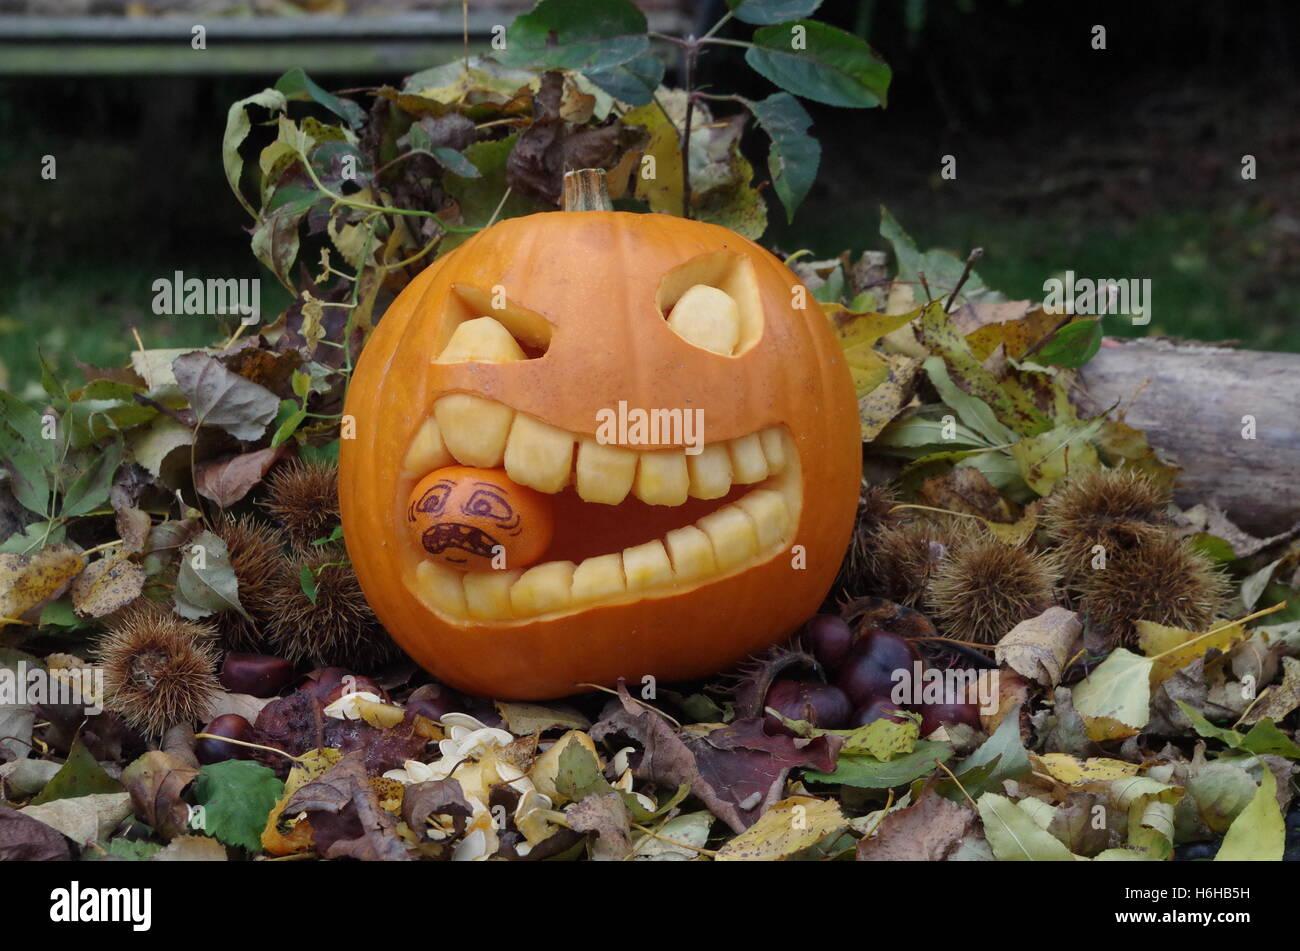 Pumpkin carving u the euclid boo